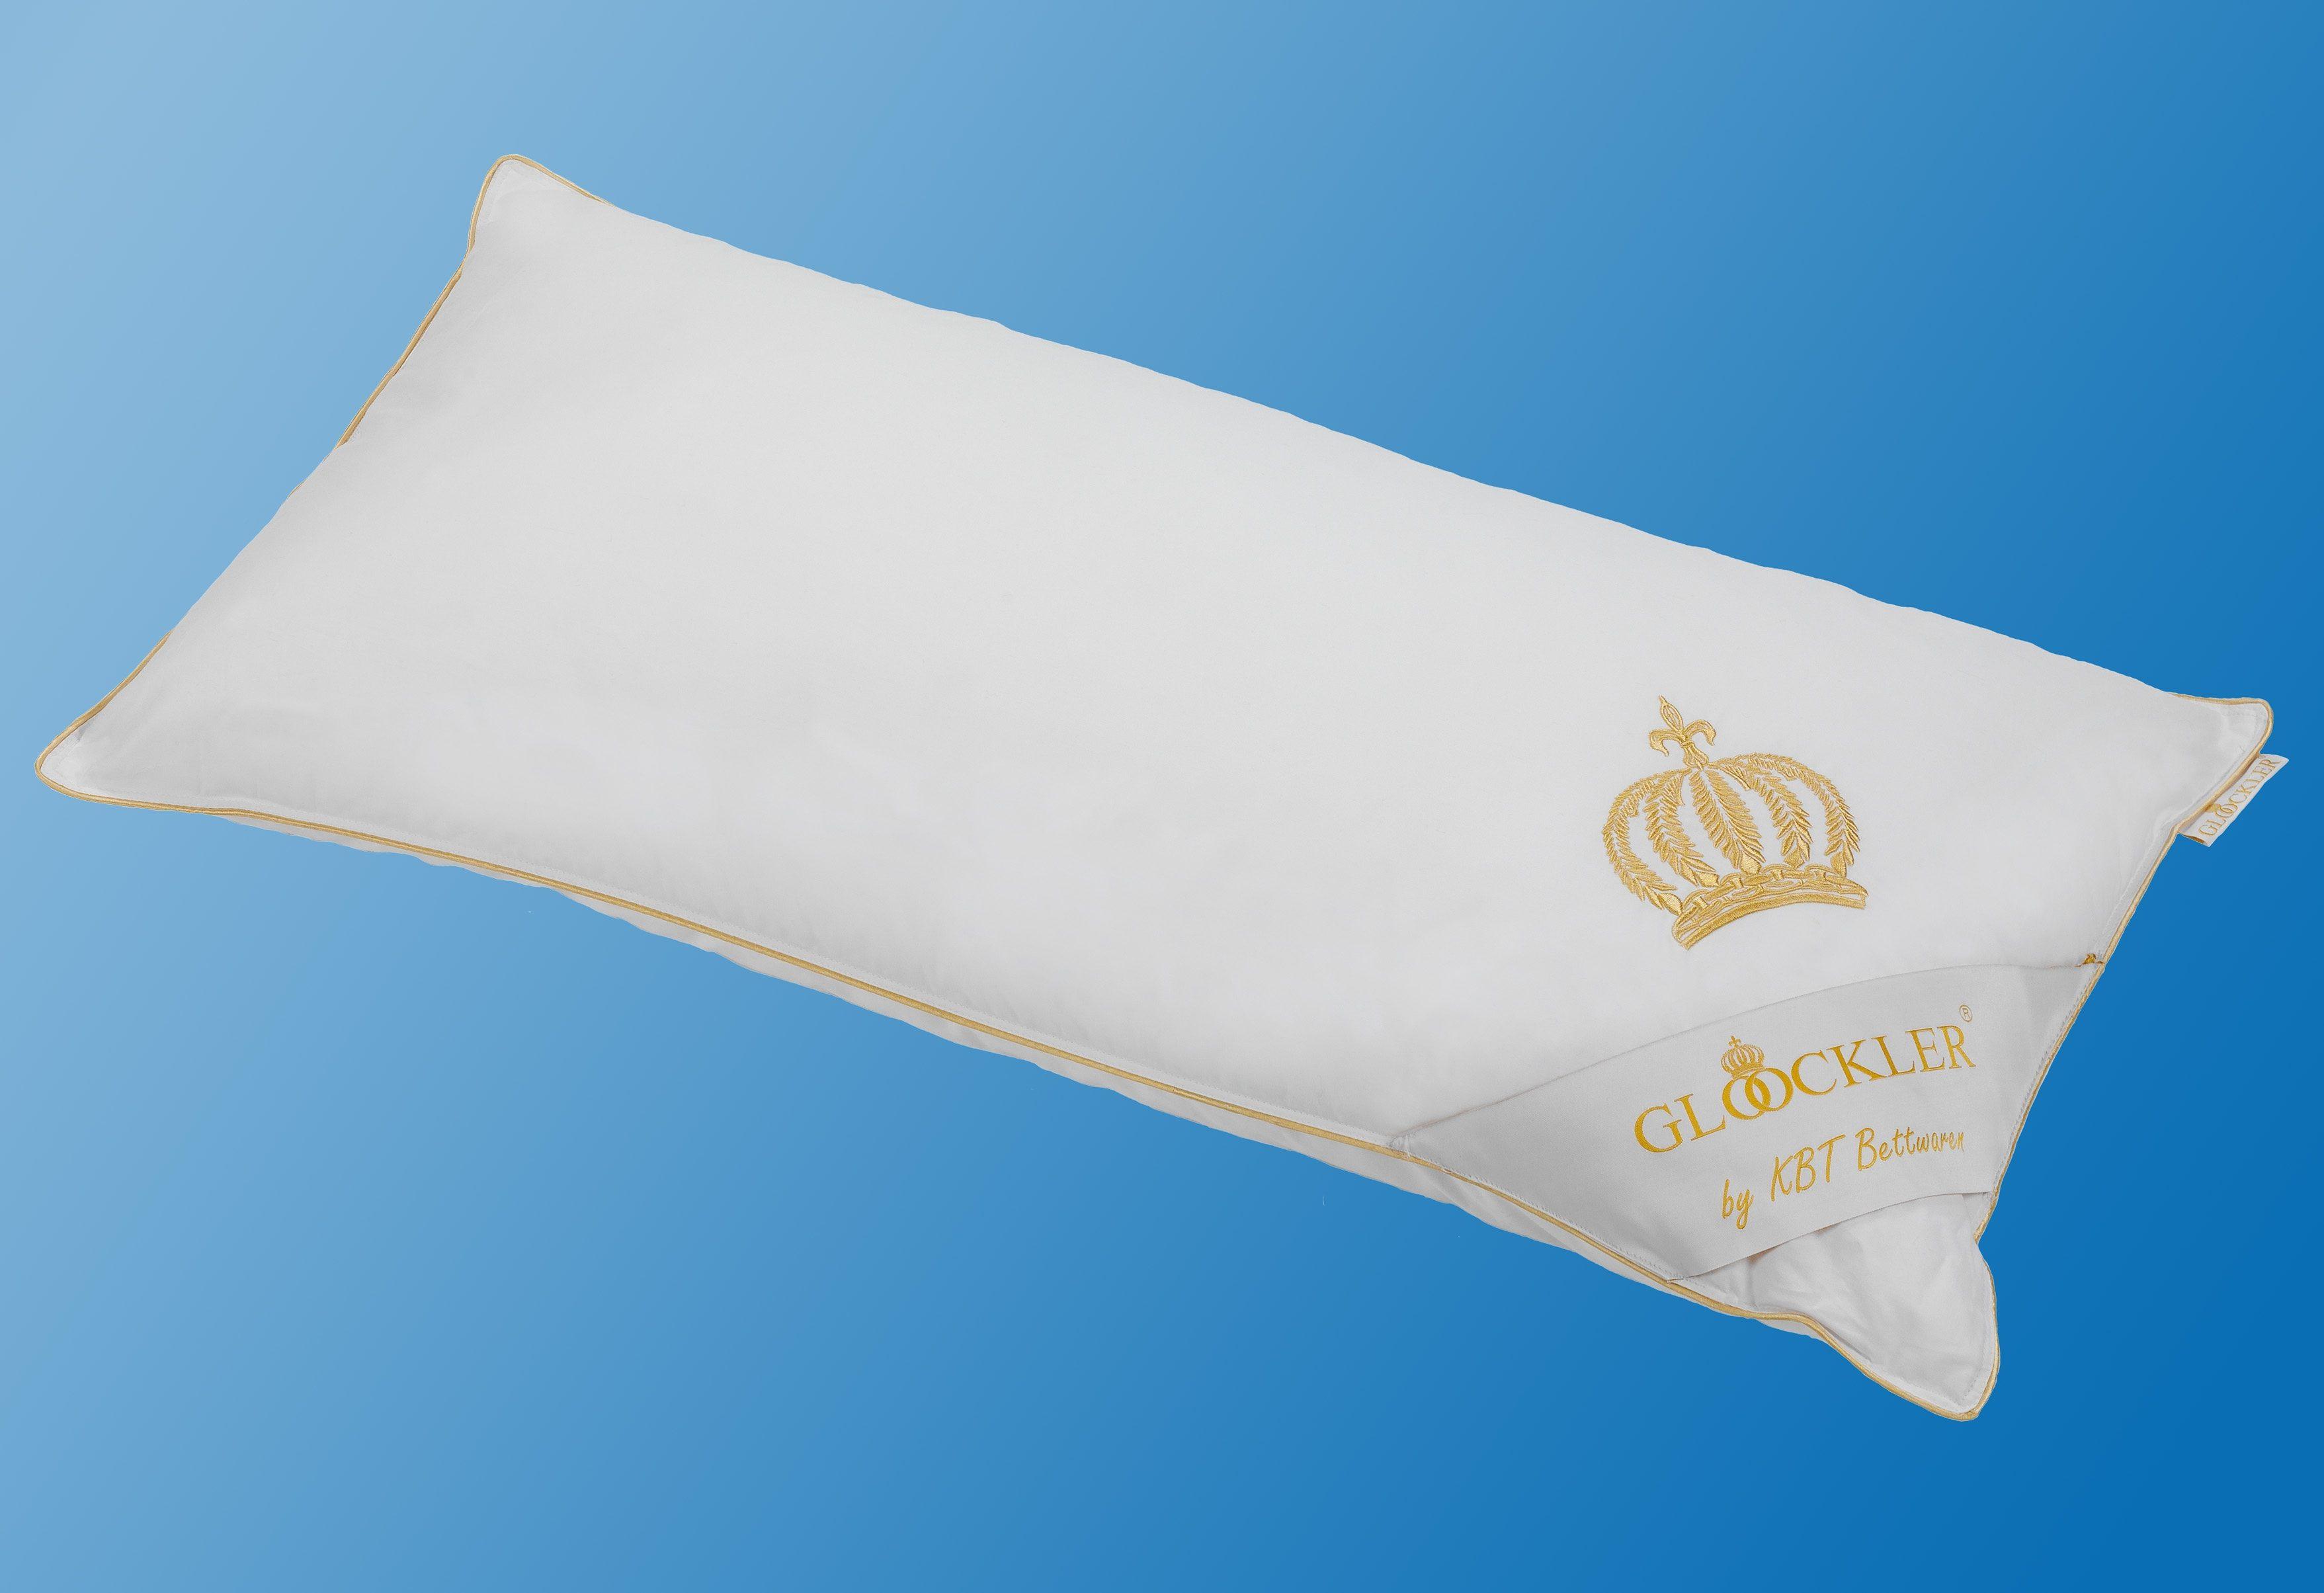 Microfaserkissen Glööckler Kopfkissen 80x80 cm weiß GLÖÖCKLER by KBT Bettwaren